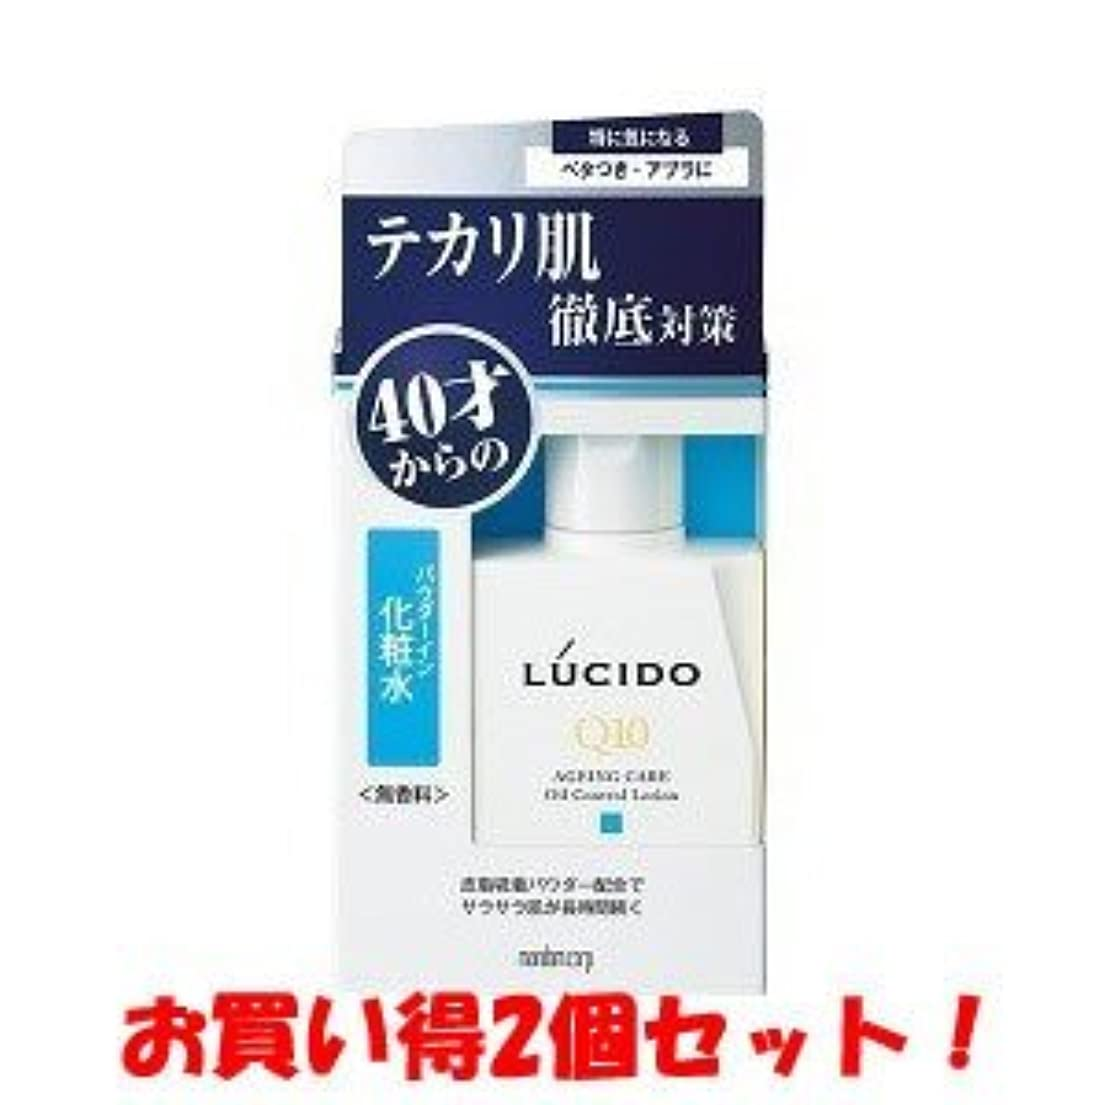 楽しい有名長々と(2017年の新商品)(マンダム)ルシード 薬用オイルコントロール化粧水 100ml(医薬部外品)(お買い得2個セット)